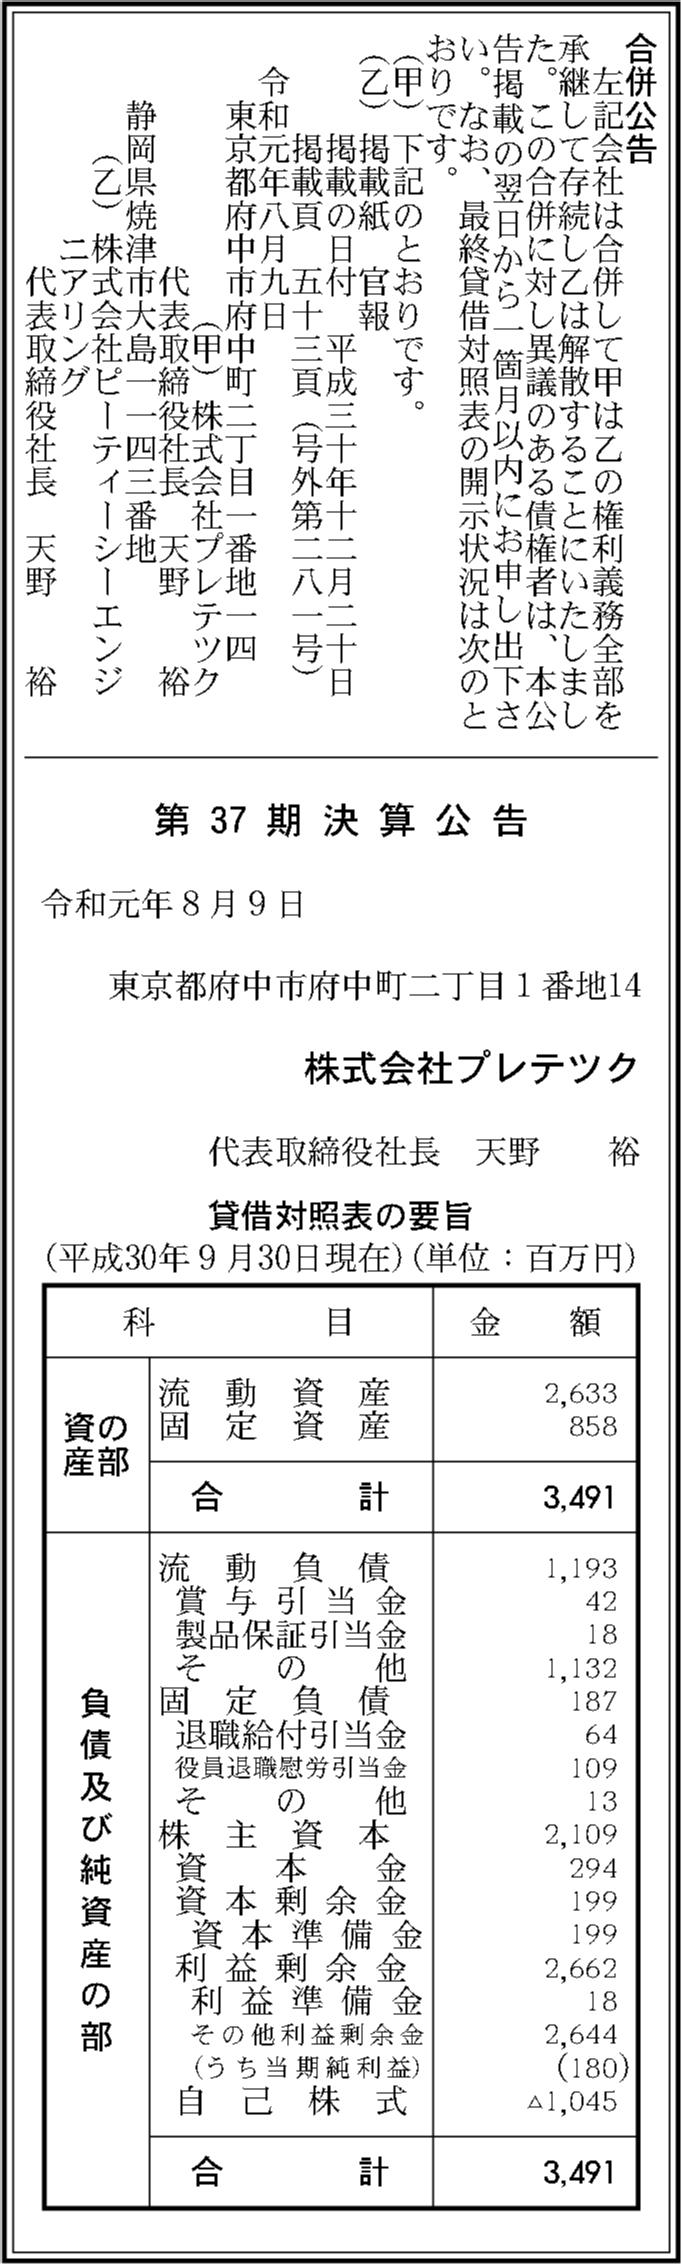 0092 25e73d2e1e6674632bda6447a273c3c76f9e45b56f5657a6330e3f80ce4728a0066e3702f98de654b27f42e5220e6405872c1f3885384e5614ec79beacb89e7f 04